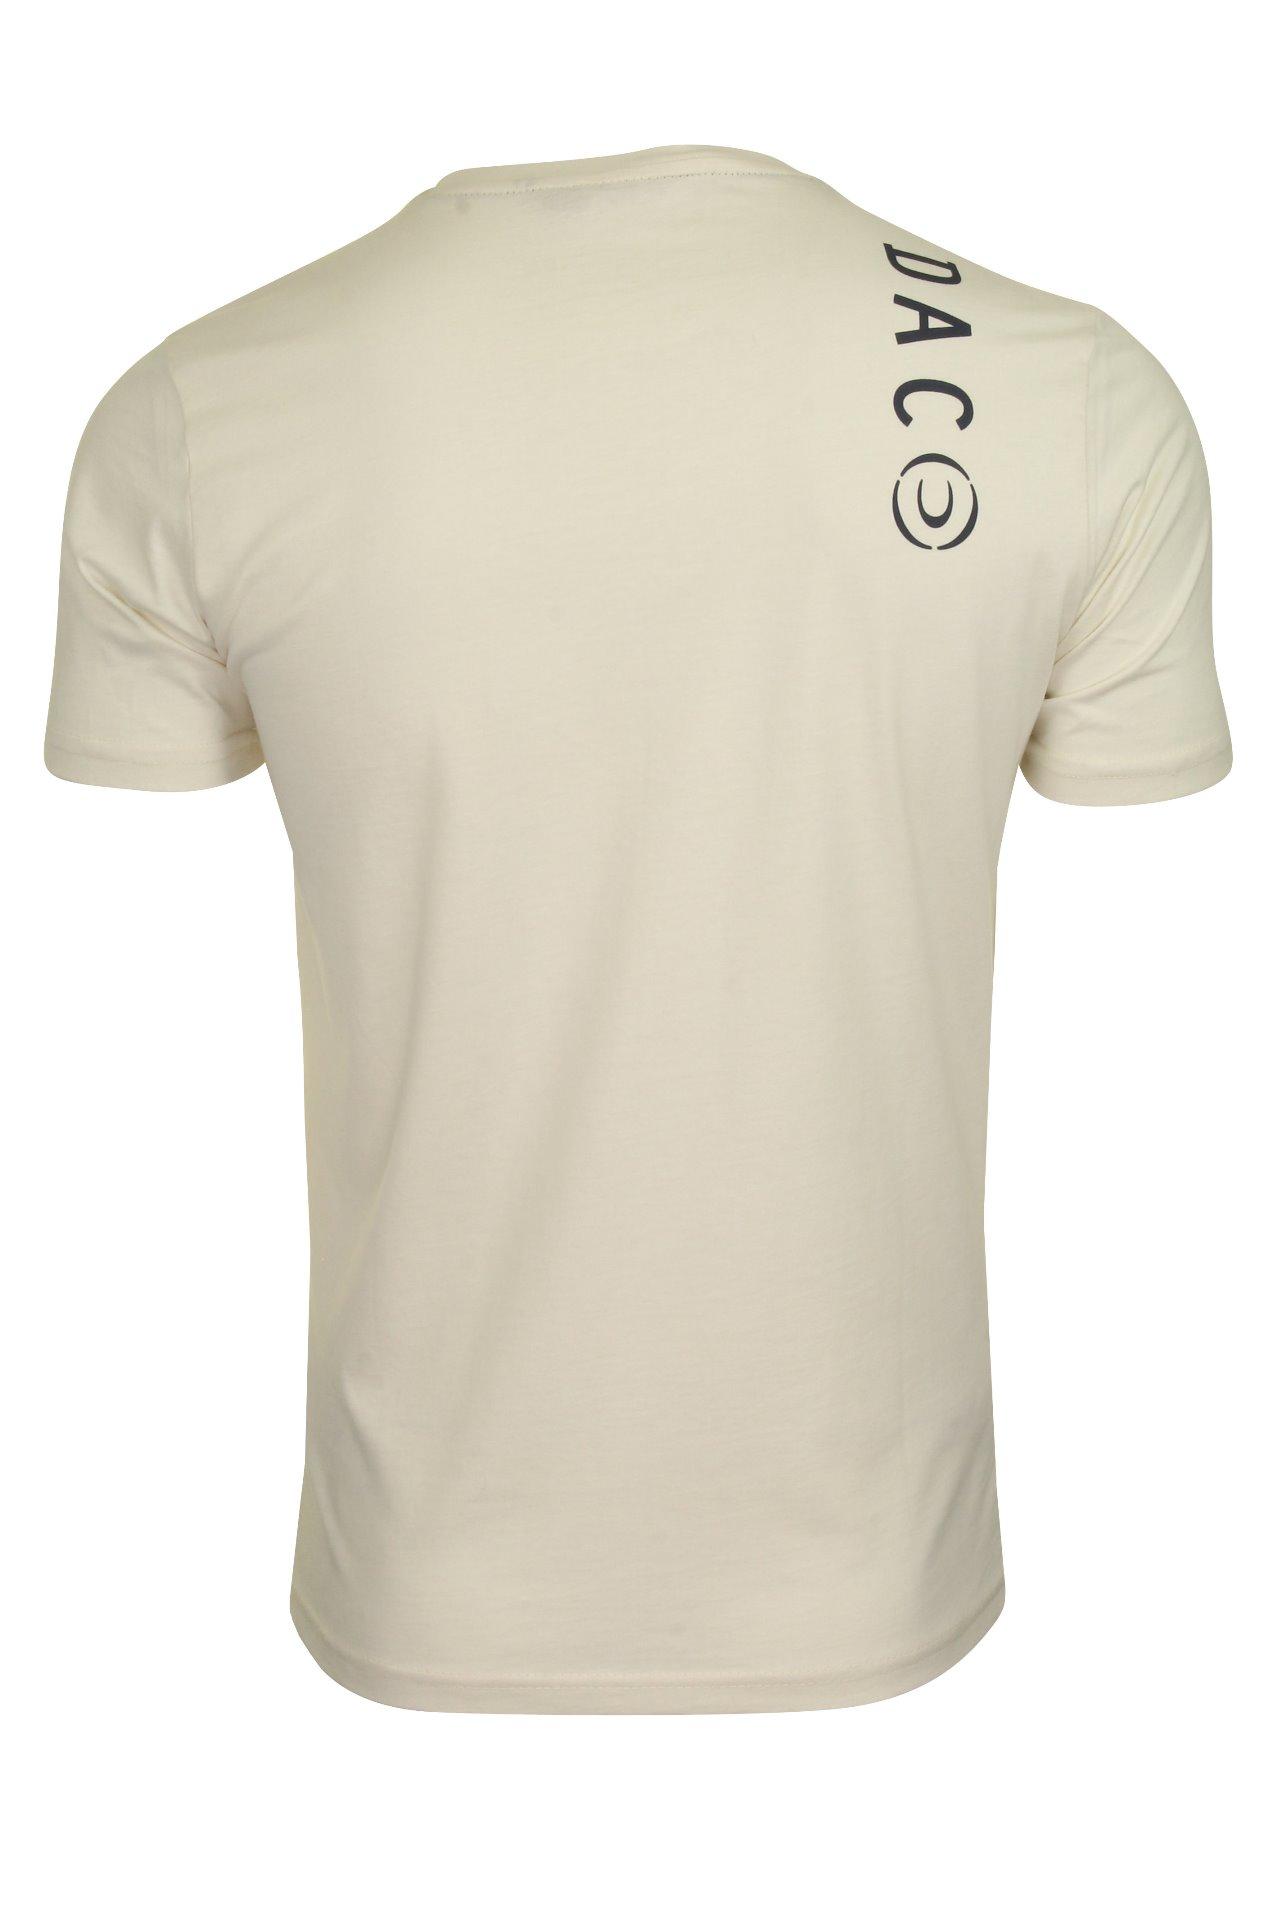 Duck-and-Cover-Hombre-Camiseta-039-Denzel-039 miniatura 8